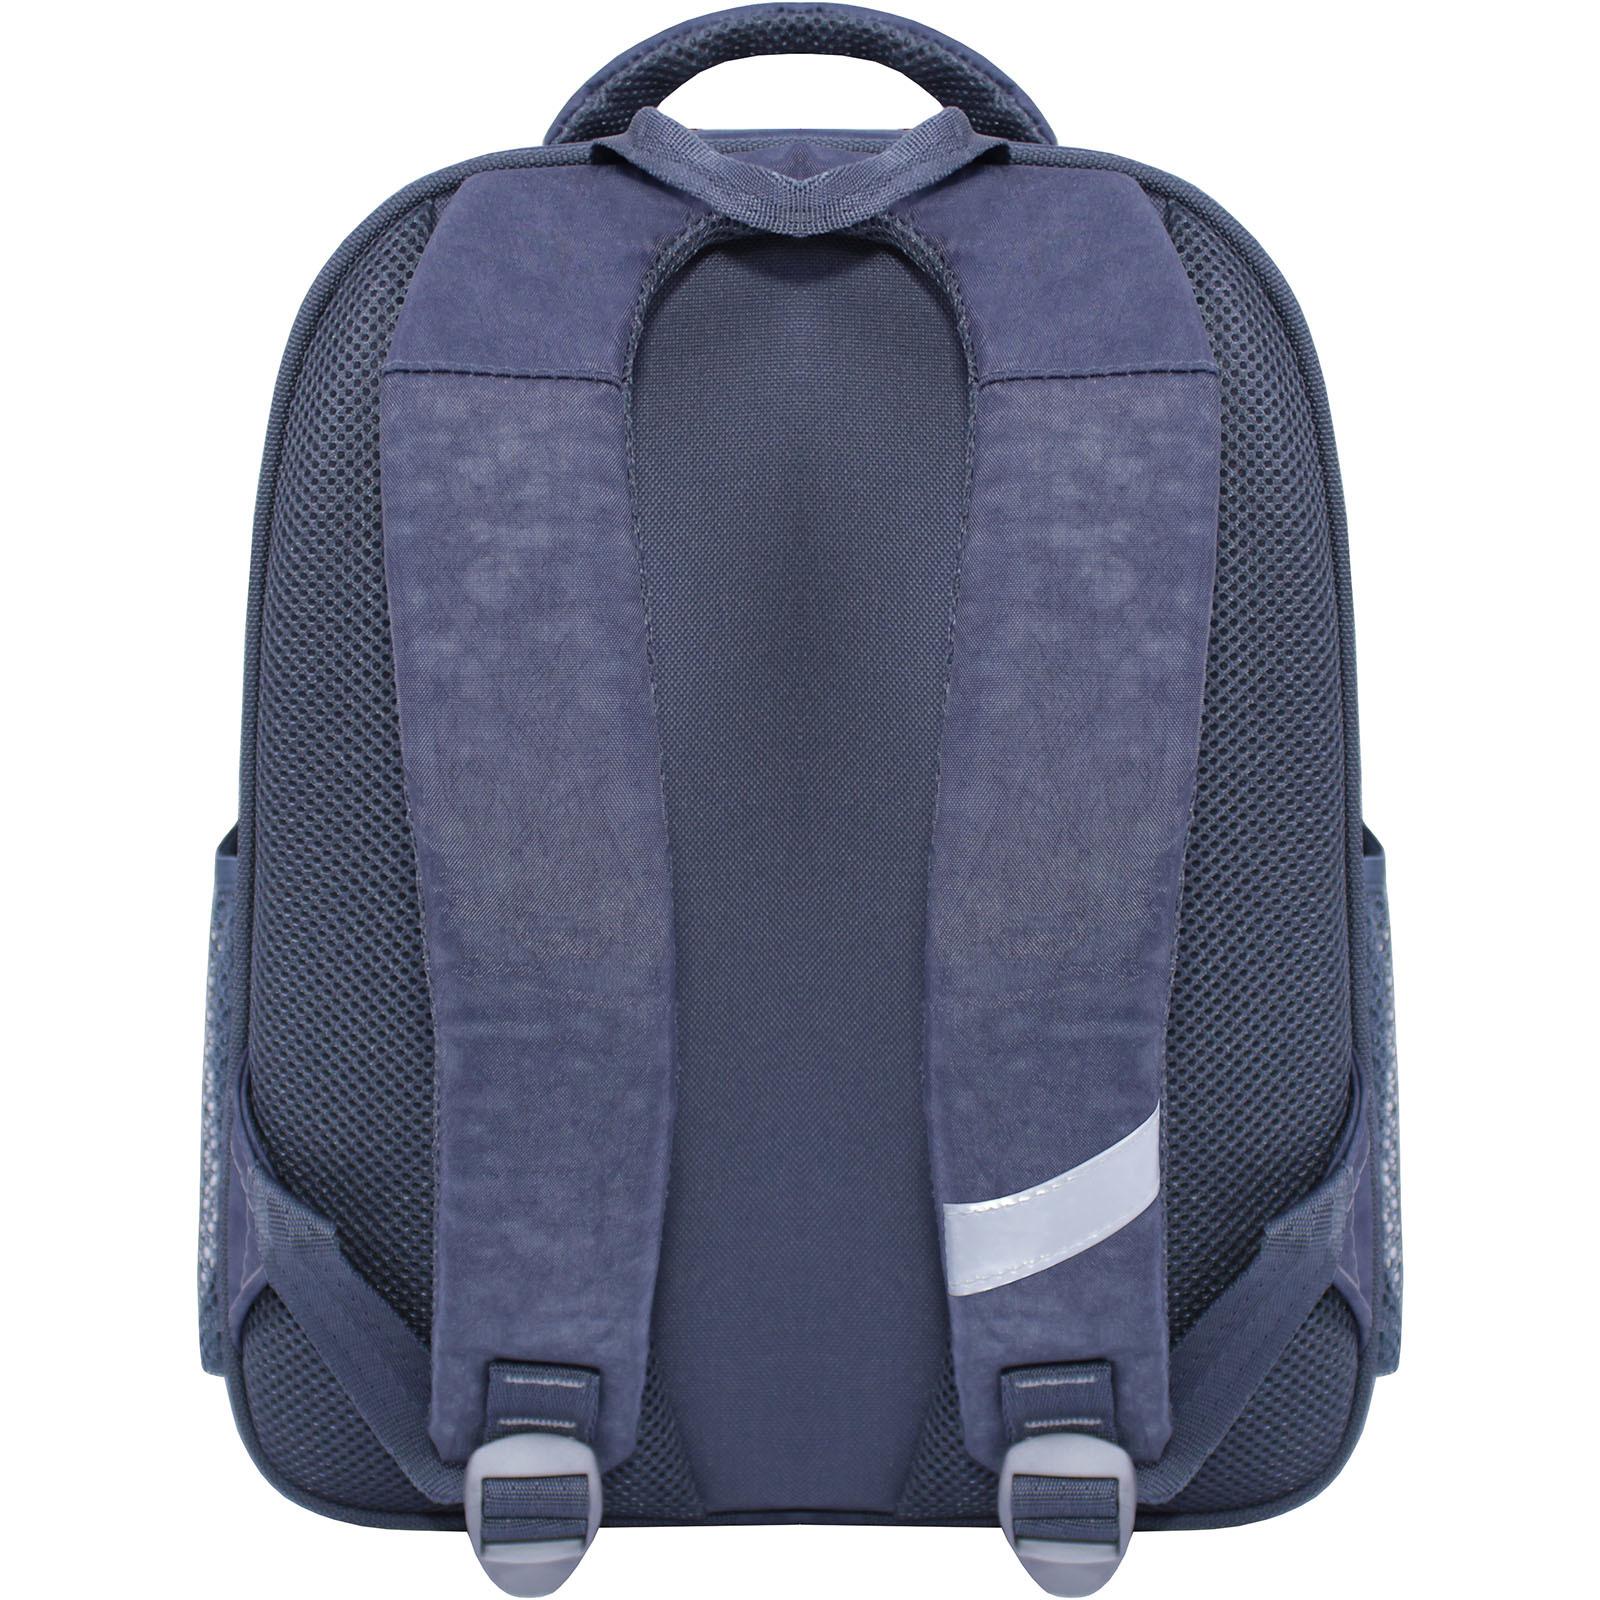 Рюкзак школьный Bagland Отличник 20 л. 321 серый 509 (0058070) фото 3